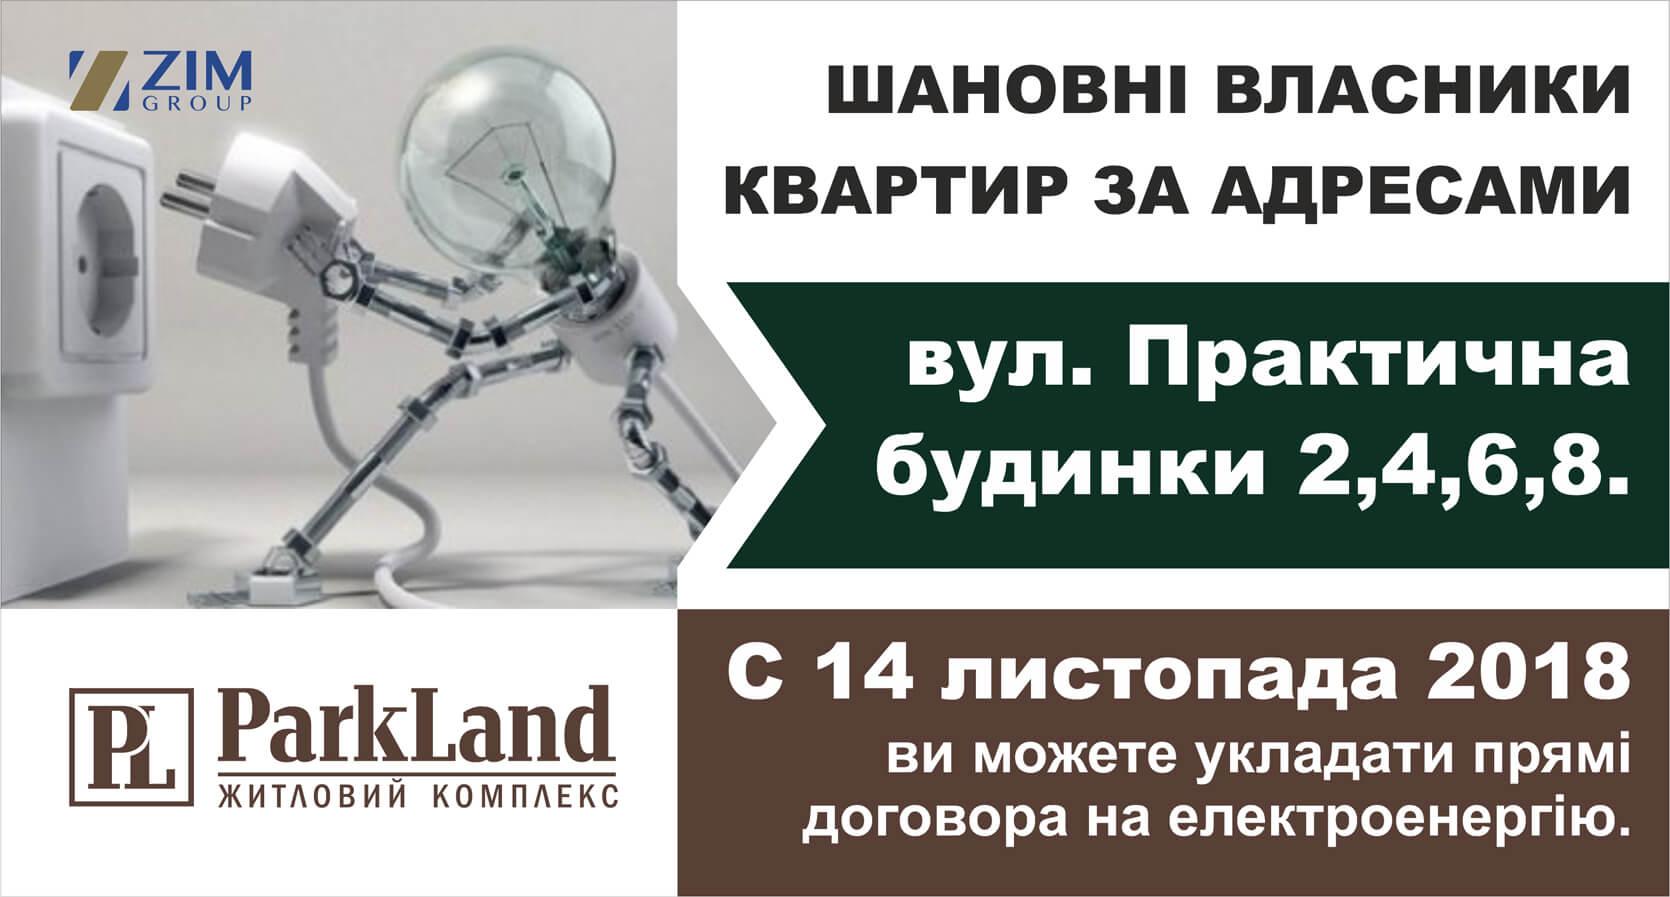 parkland-141118-ukr